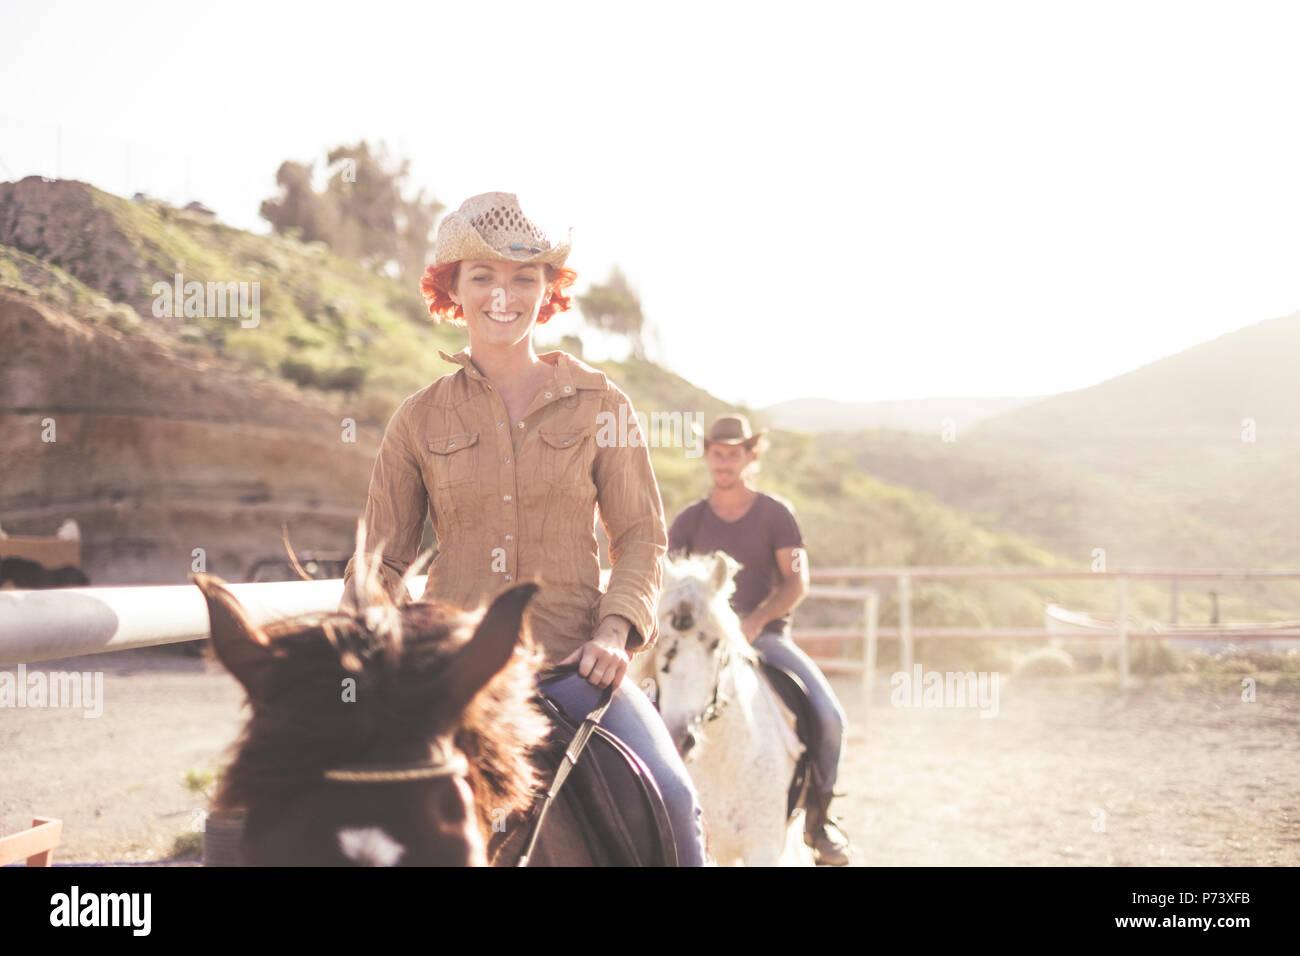 Bella coppia caucasica amici giovani ride bellissimi cavalli outdoor in una scuola. sun retroilluminazione per immagine luminosa nel filtro caldo. friendly scena wi Immagini Stock